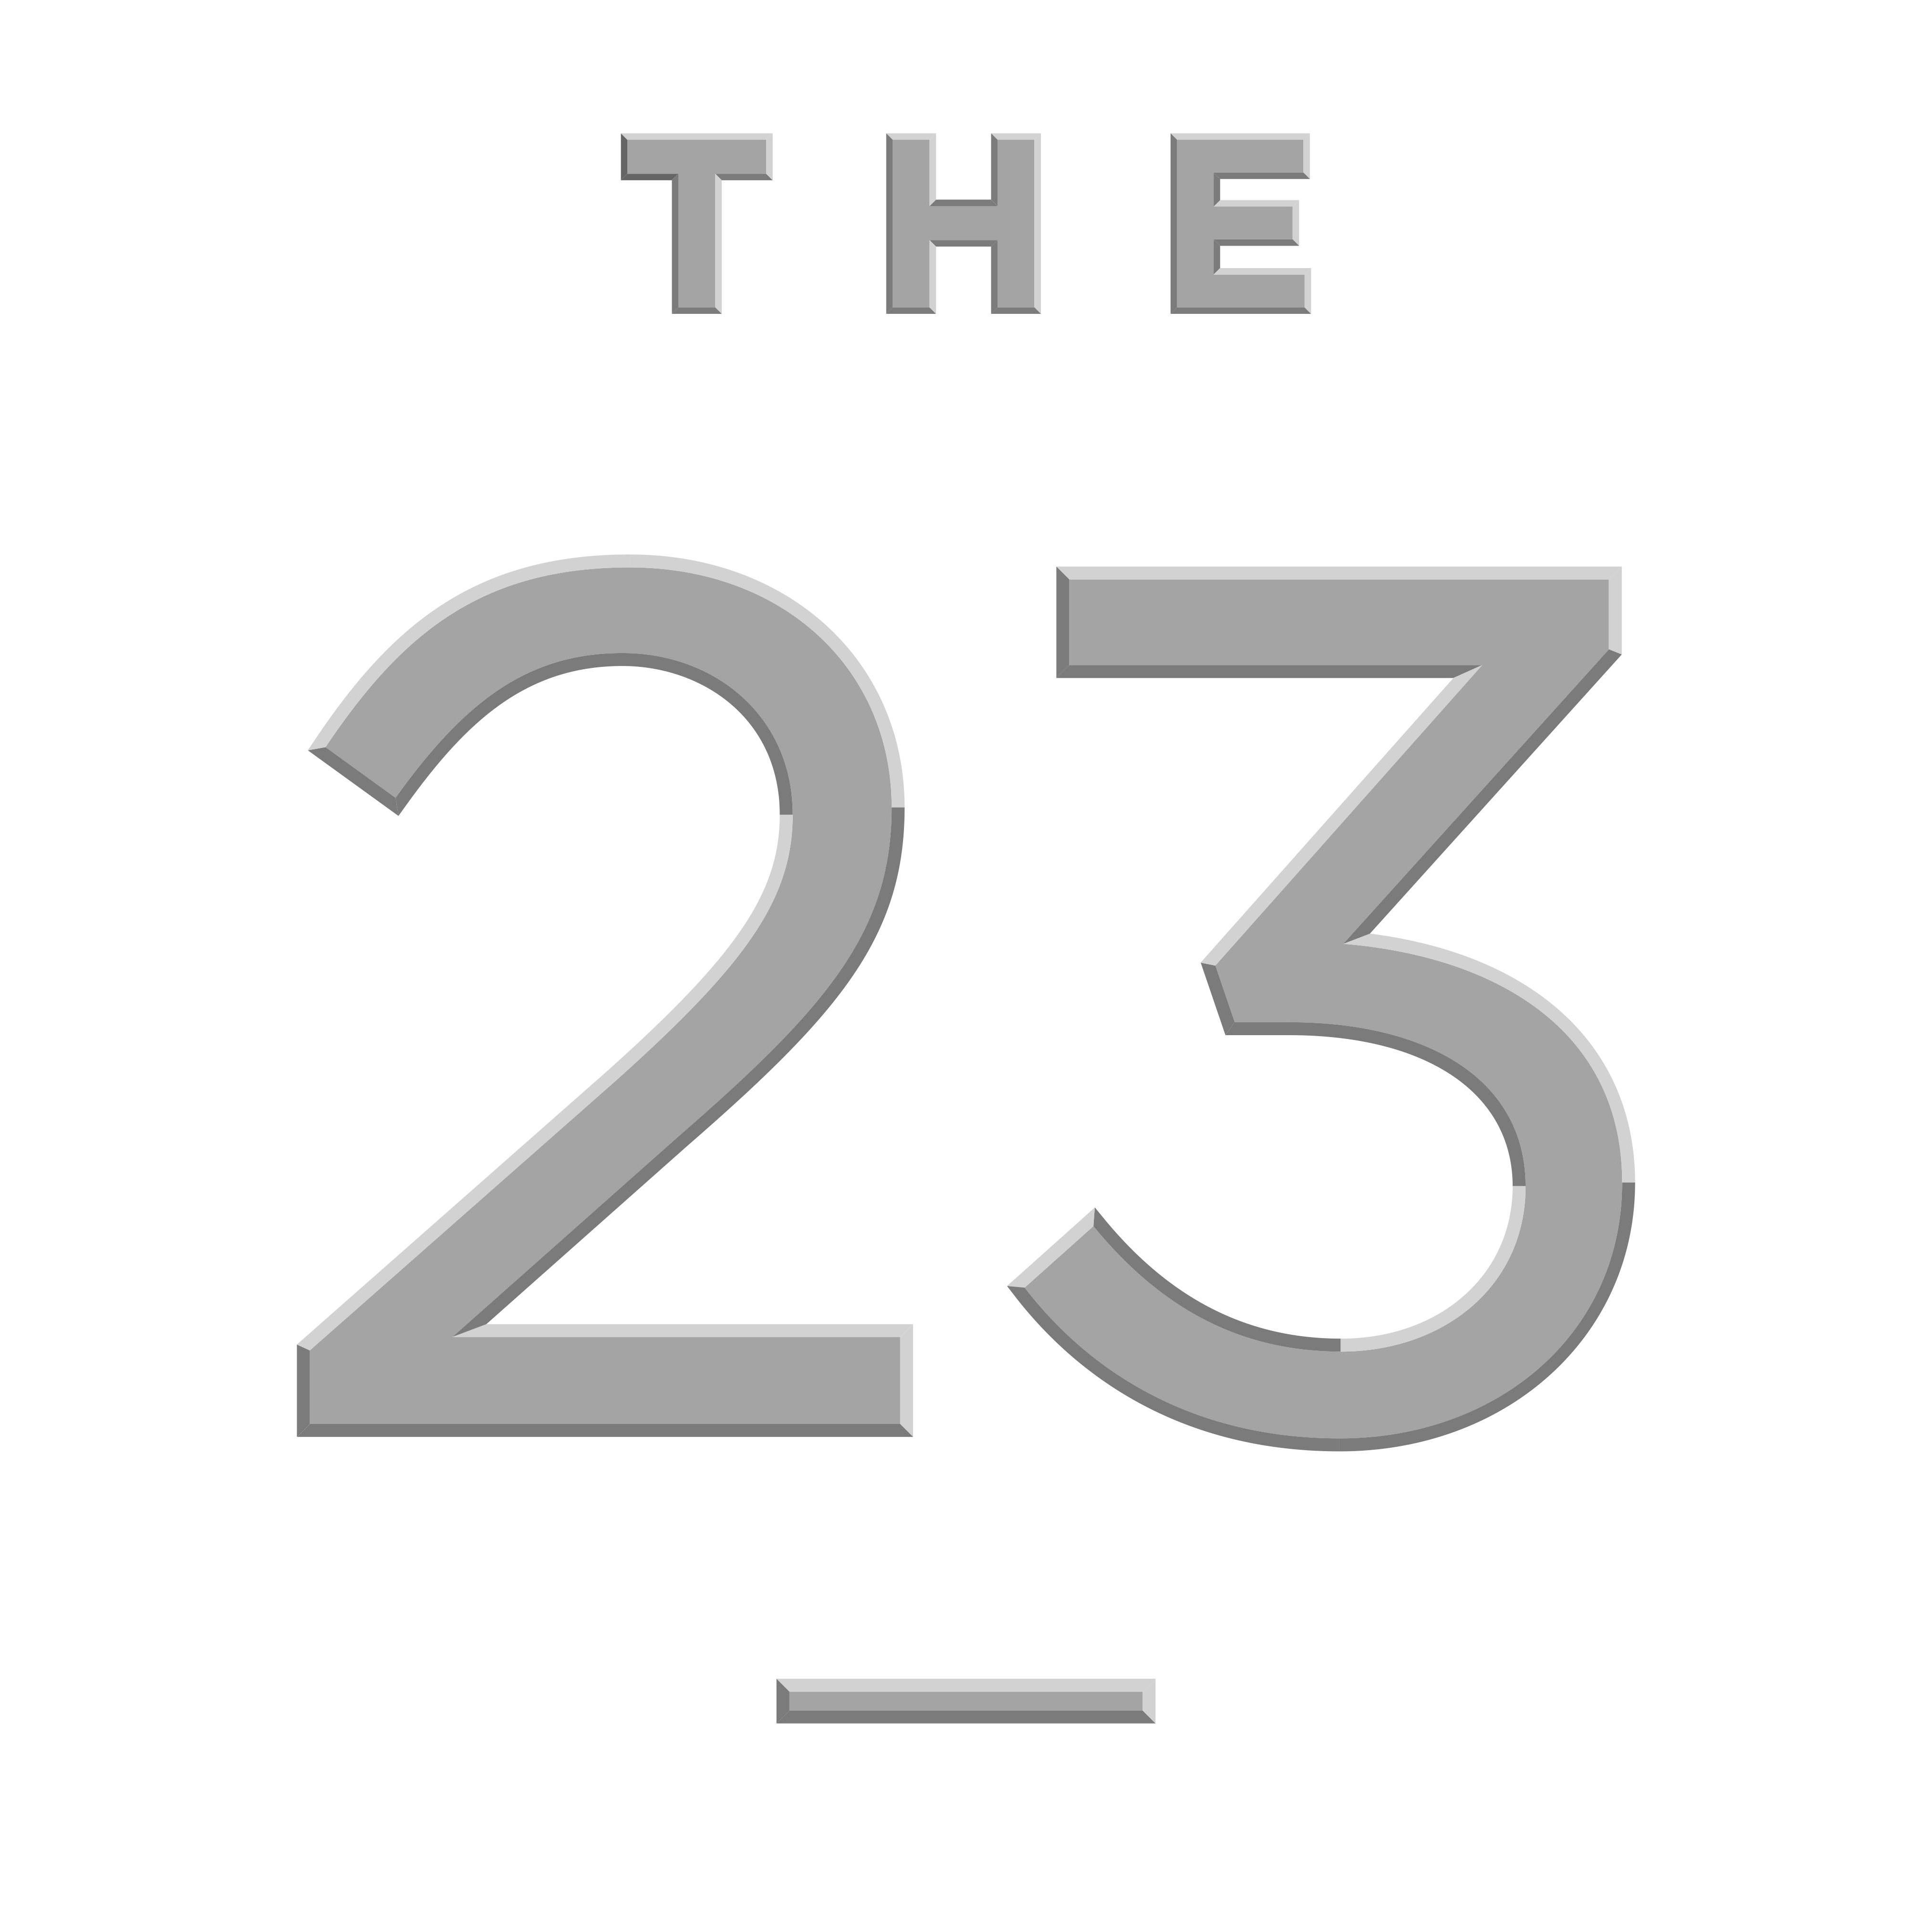 The 23 Dallas